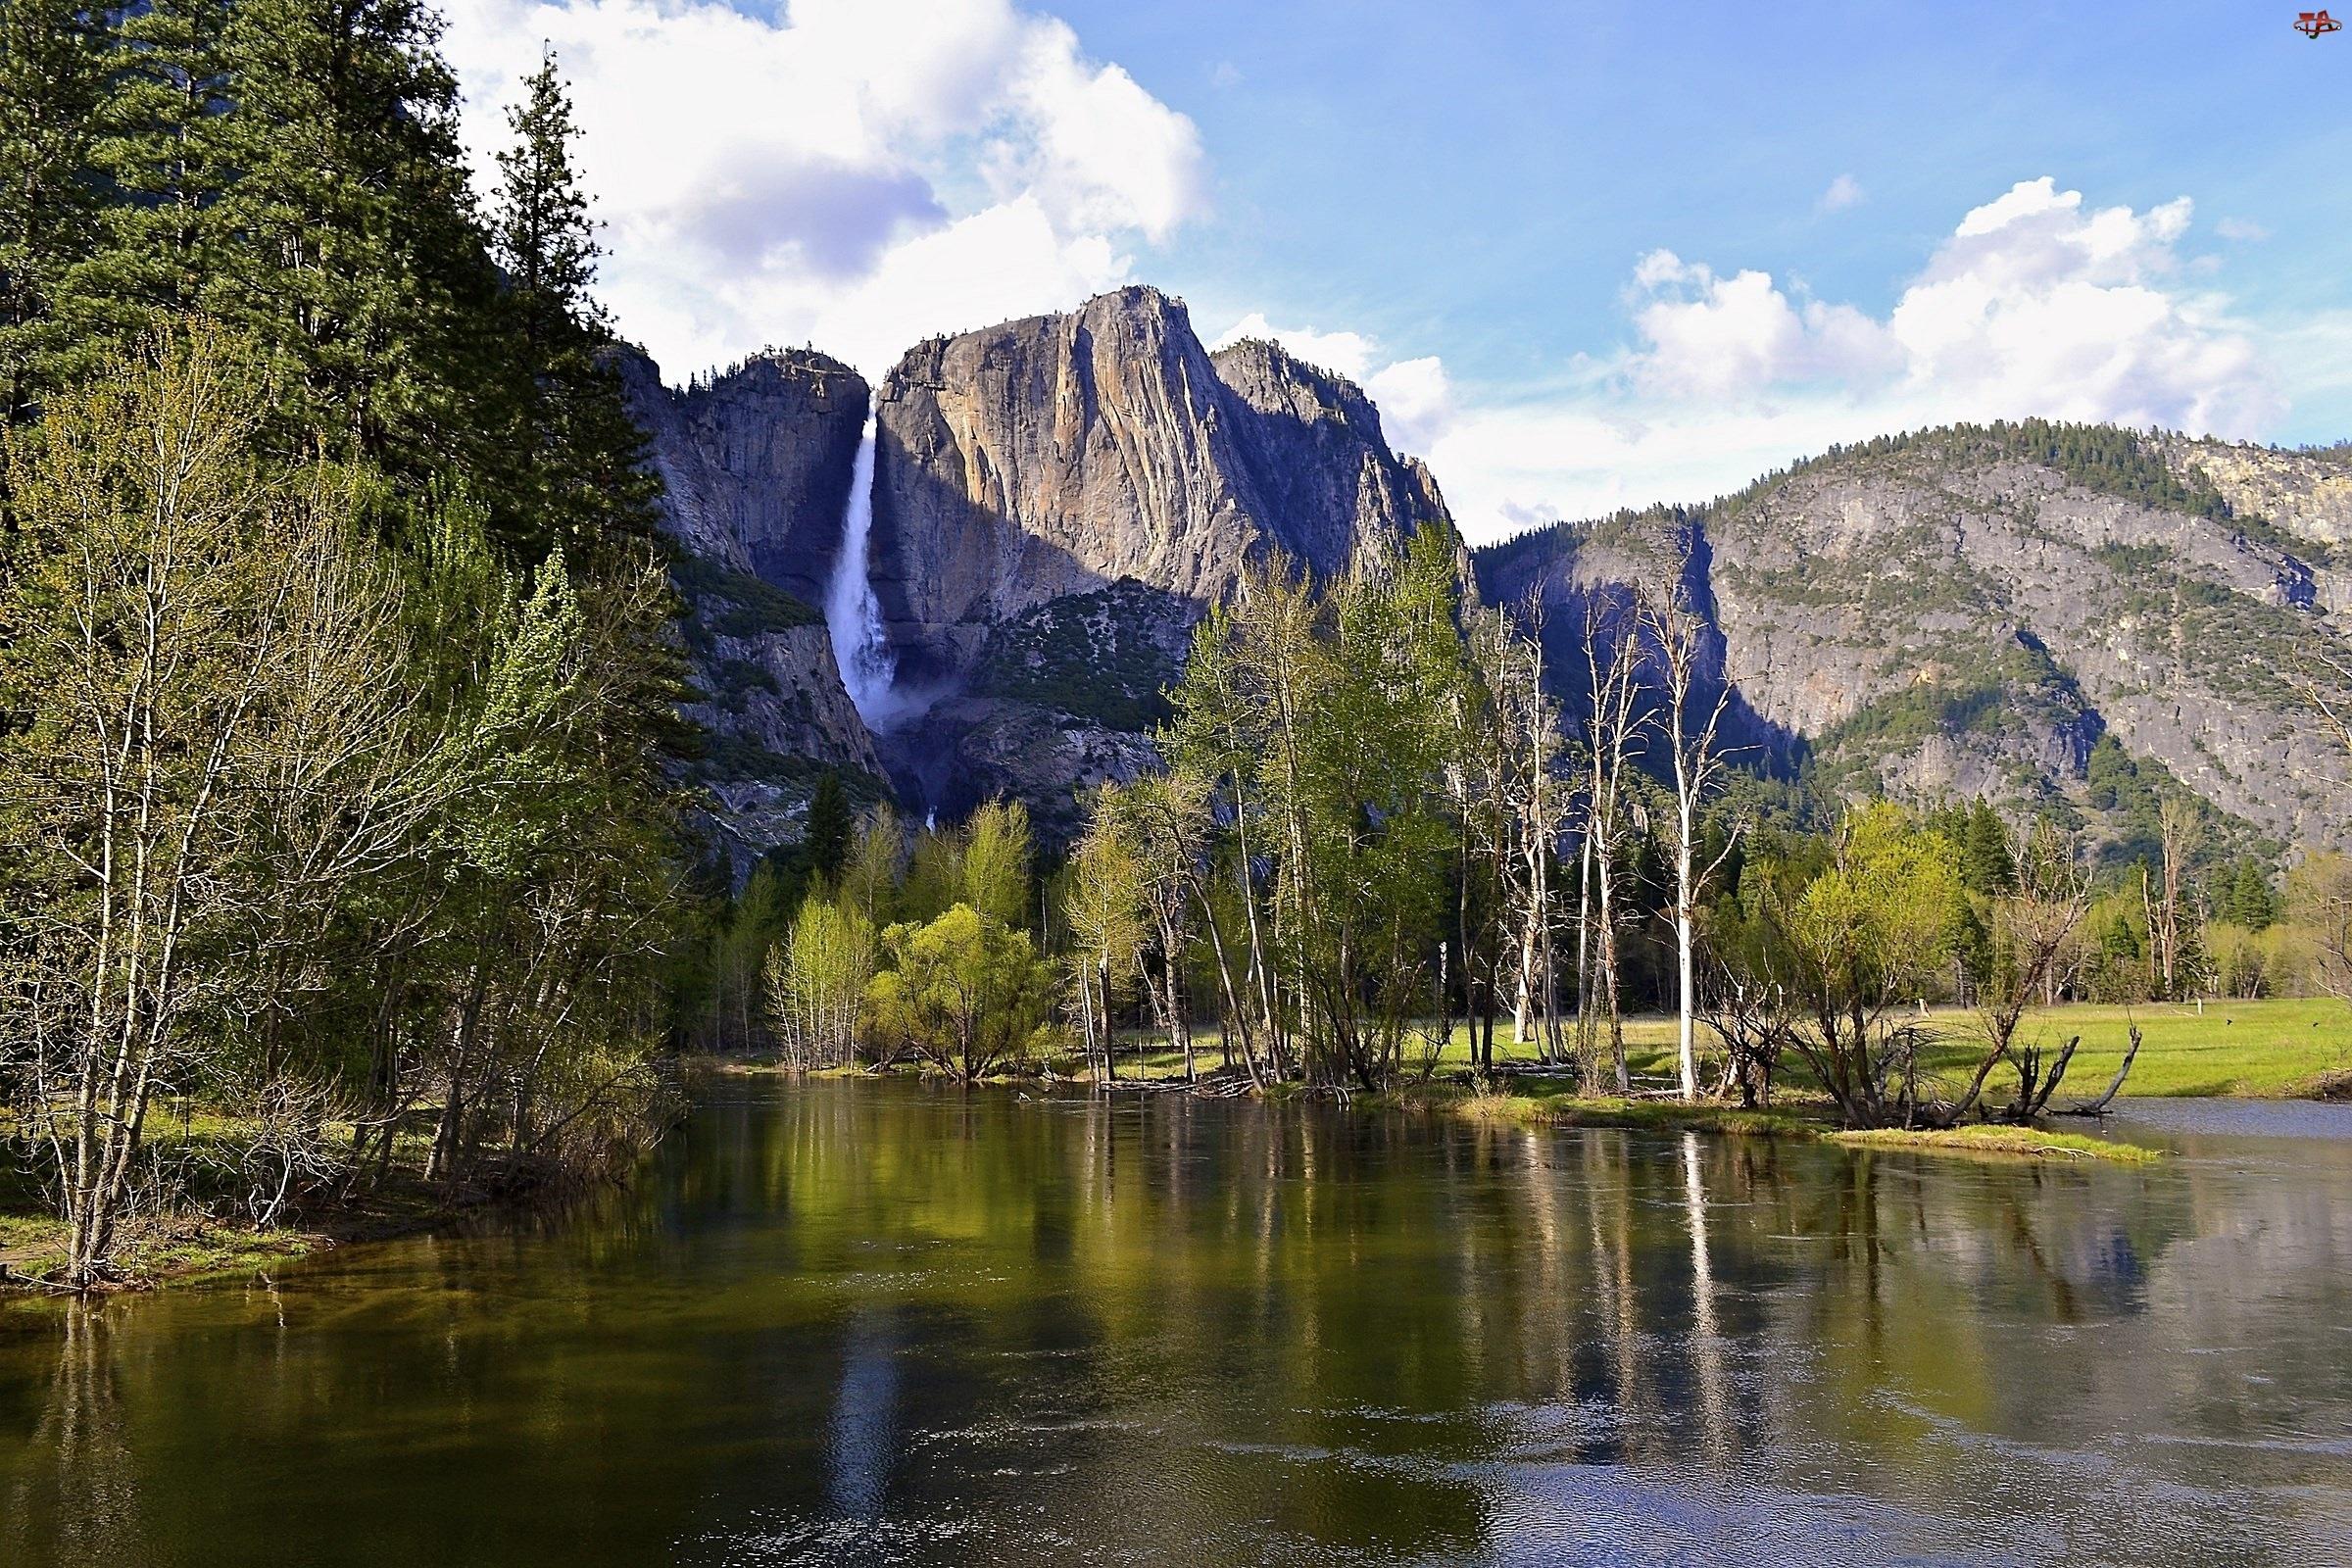 USA, Góry, Las, Rzeka, Park Narodowy Yosemite